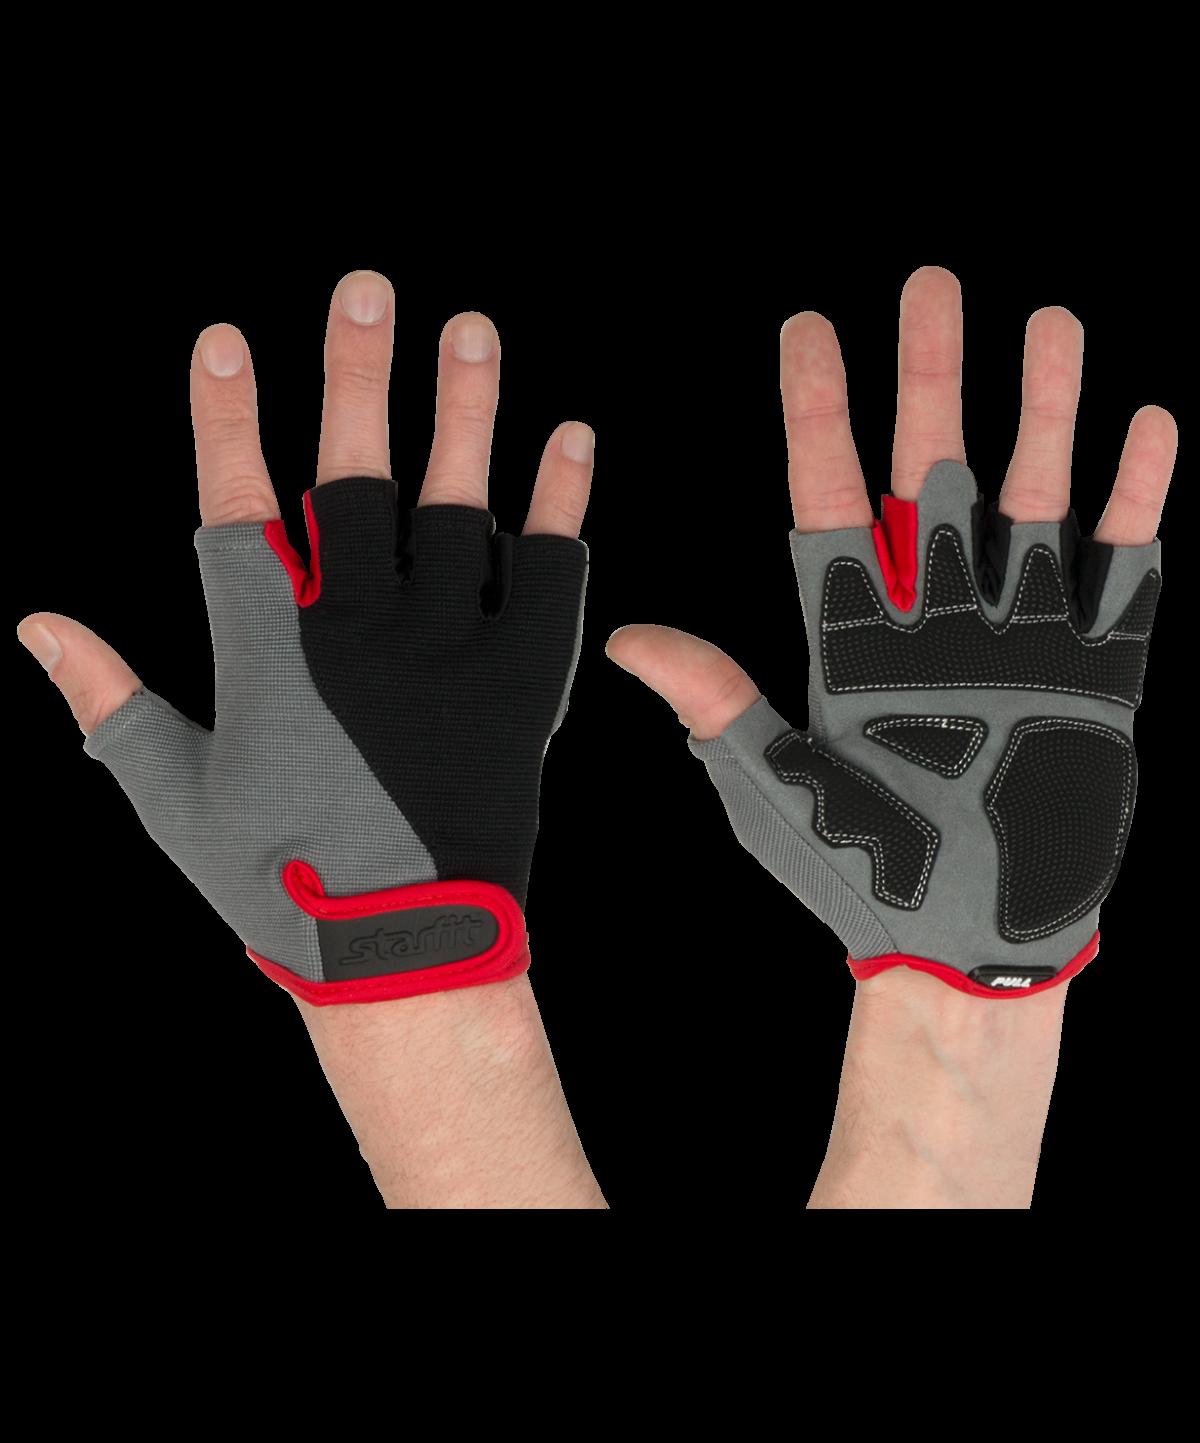 STARFIT Перчатки для фитнеса SU-117 : черный/серый/красный - 1